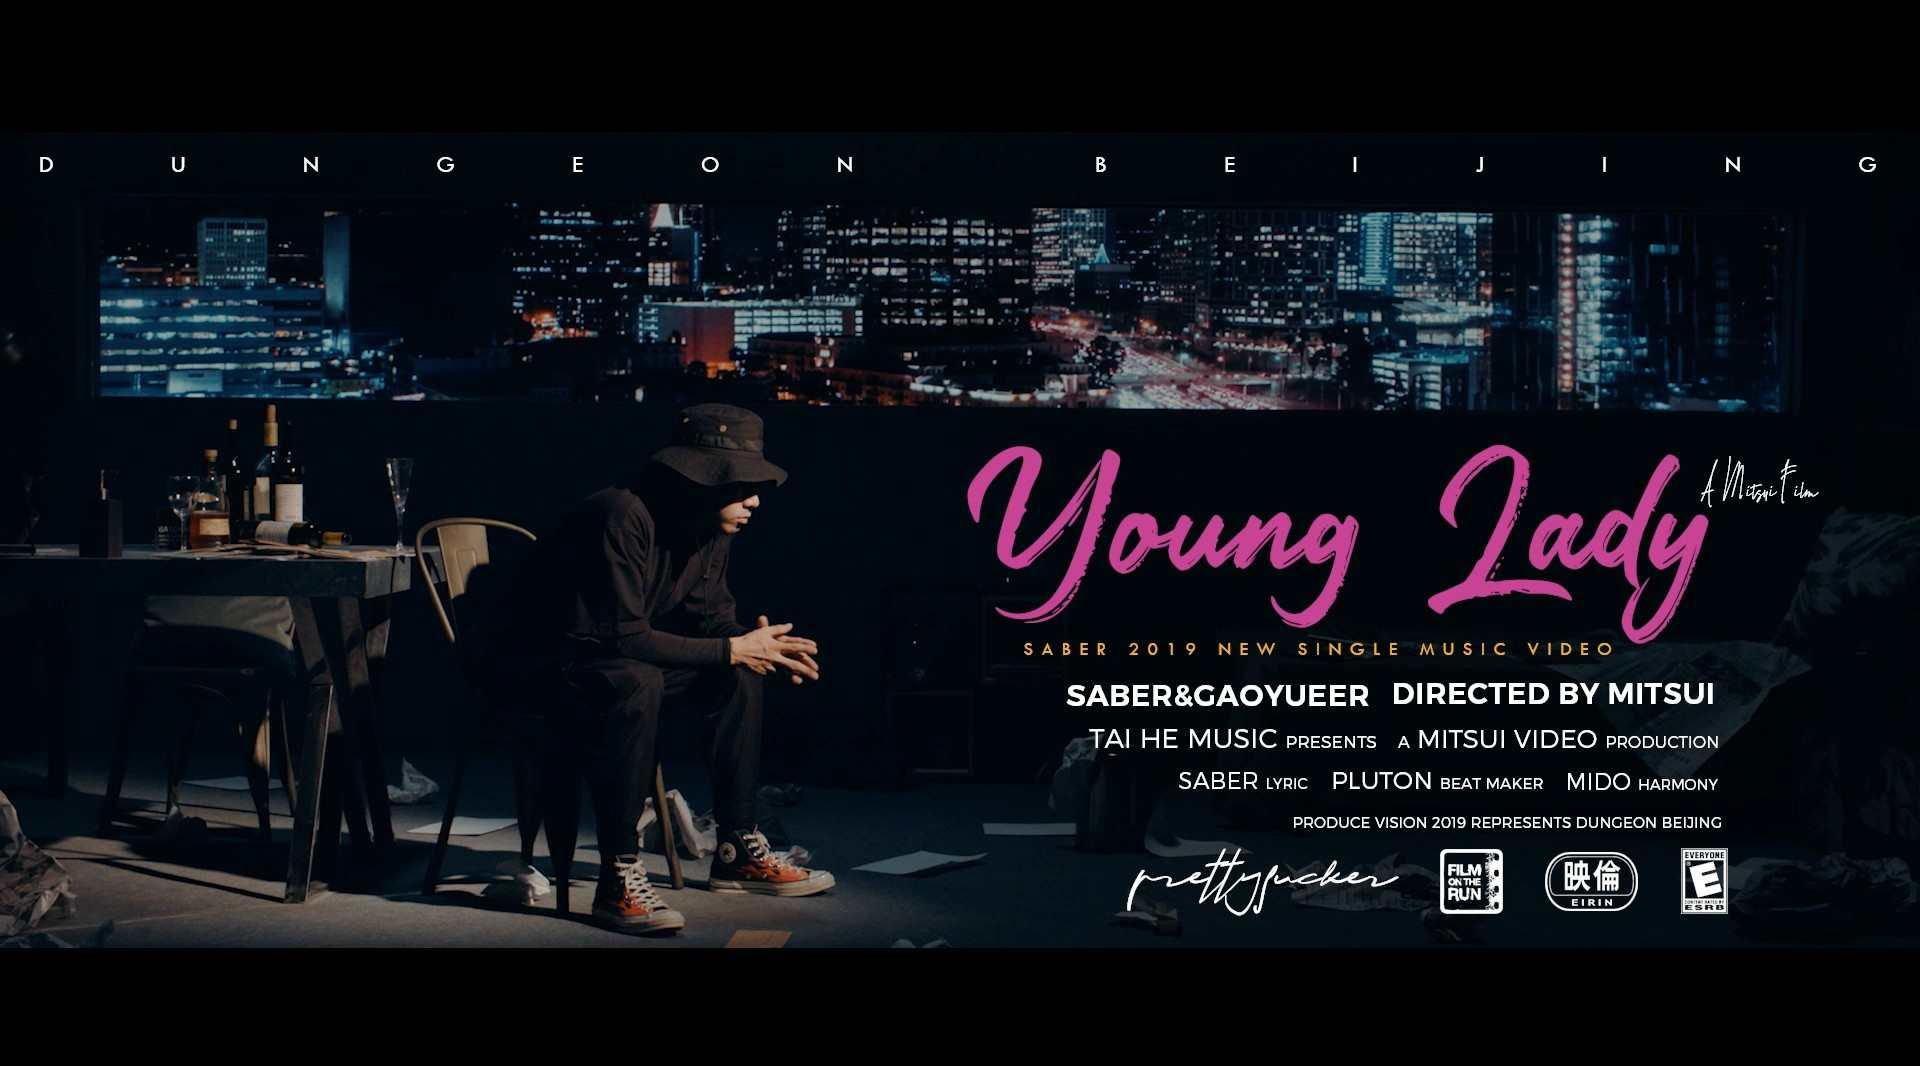 梁维嘉Saber-MV【YoungLady】